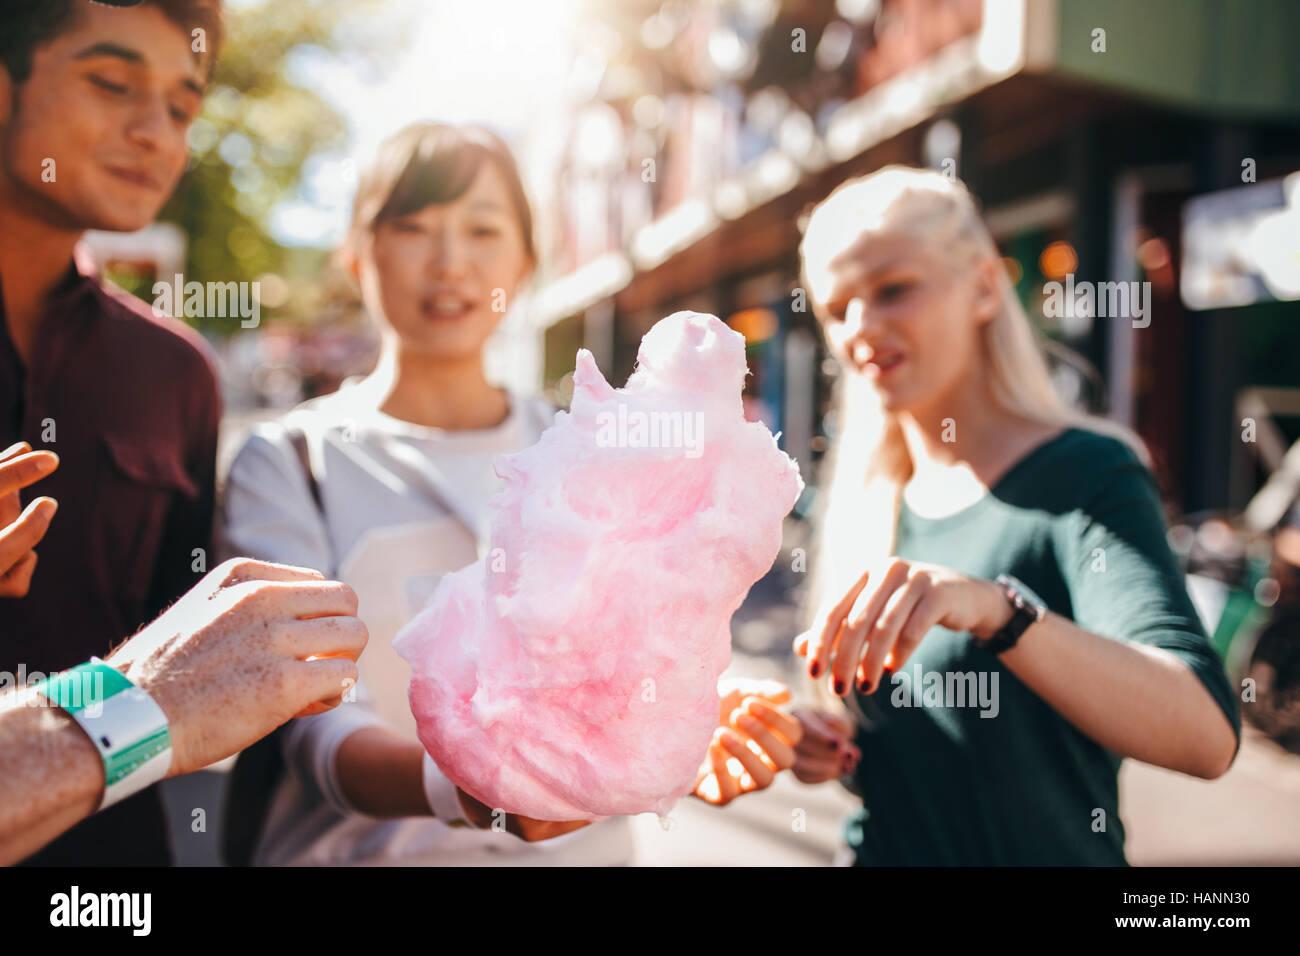 Trois jeunes personnes candyfloss coton au parc d'amusement. Groupe d'amis de manger de la barbe à l'extérieur ensemble. Banque D'Images